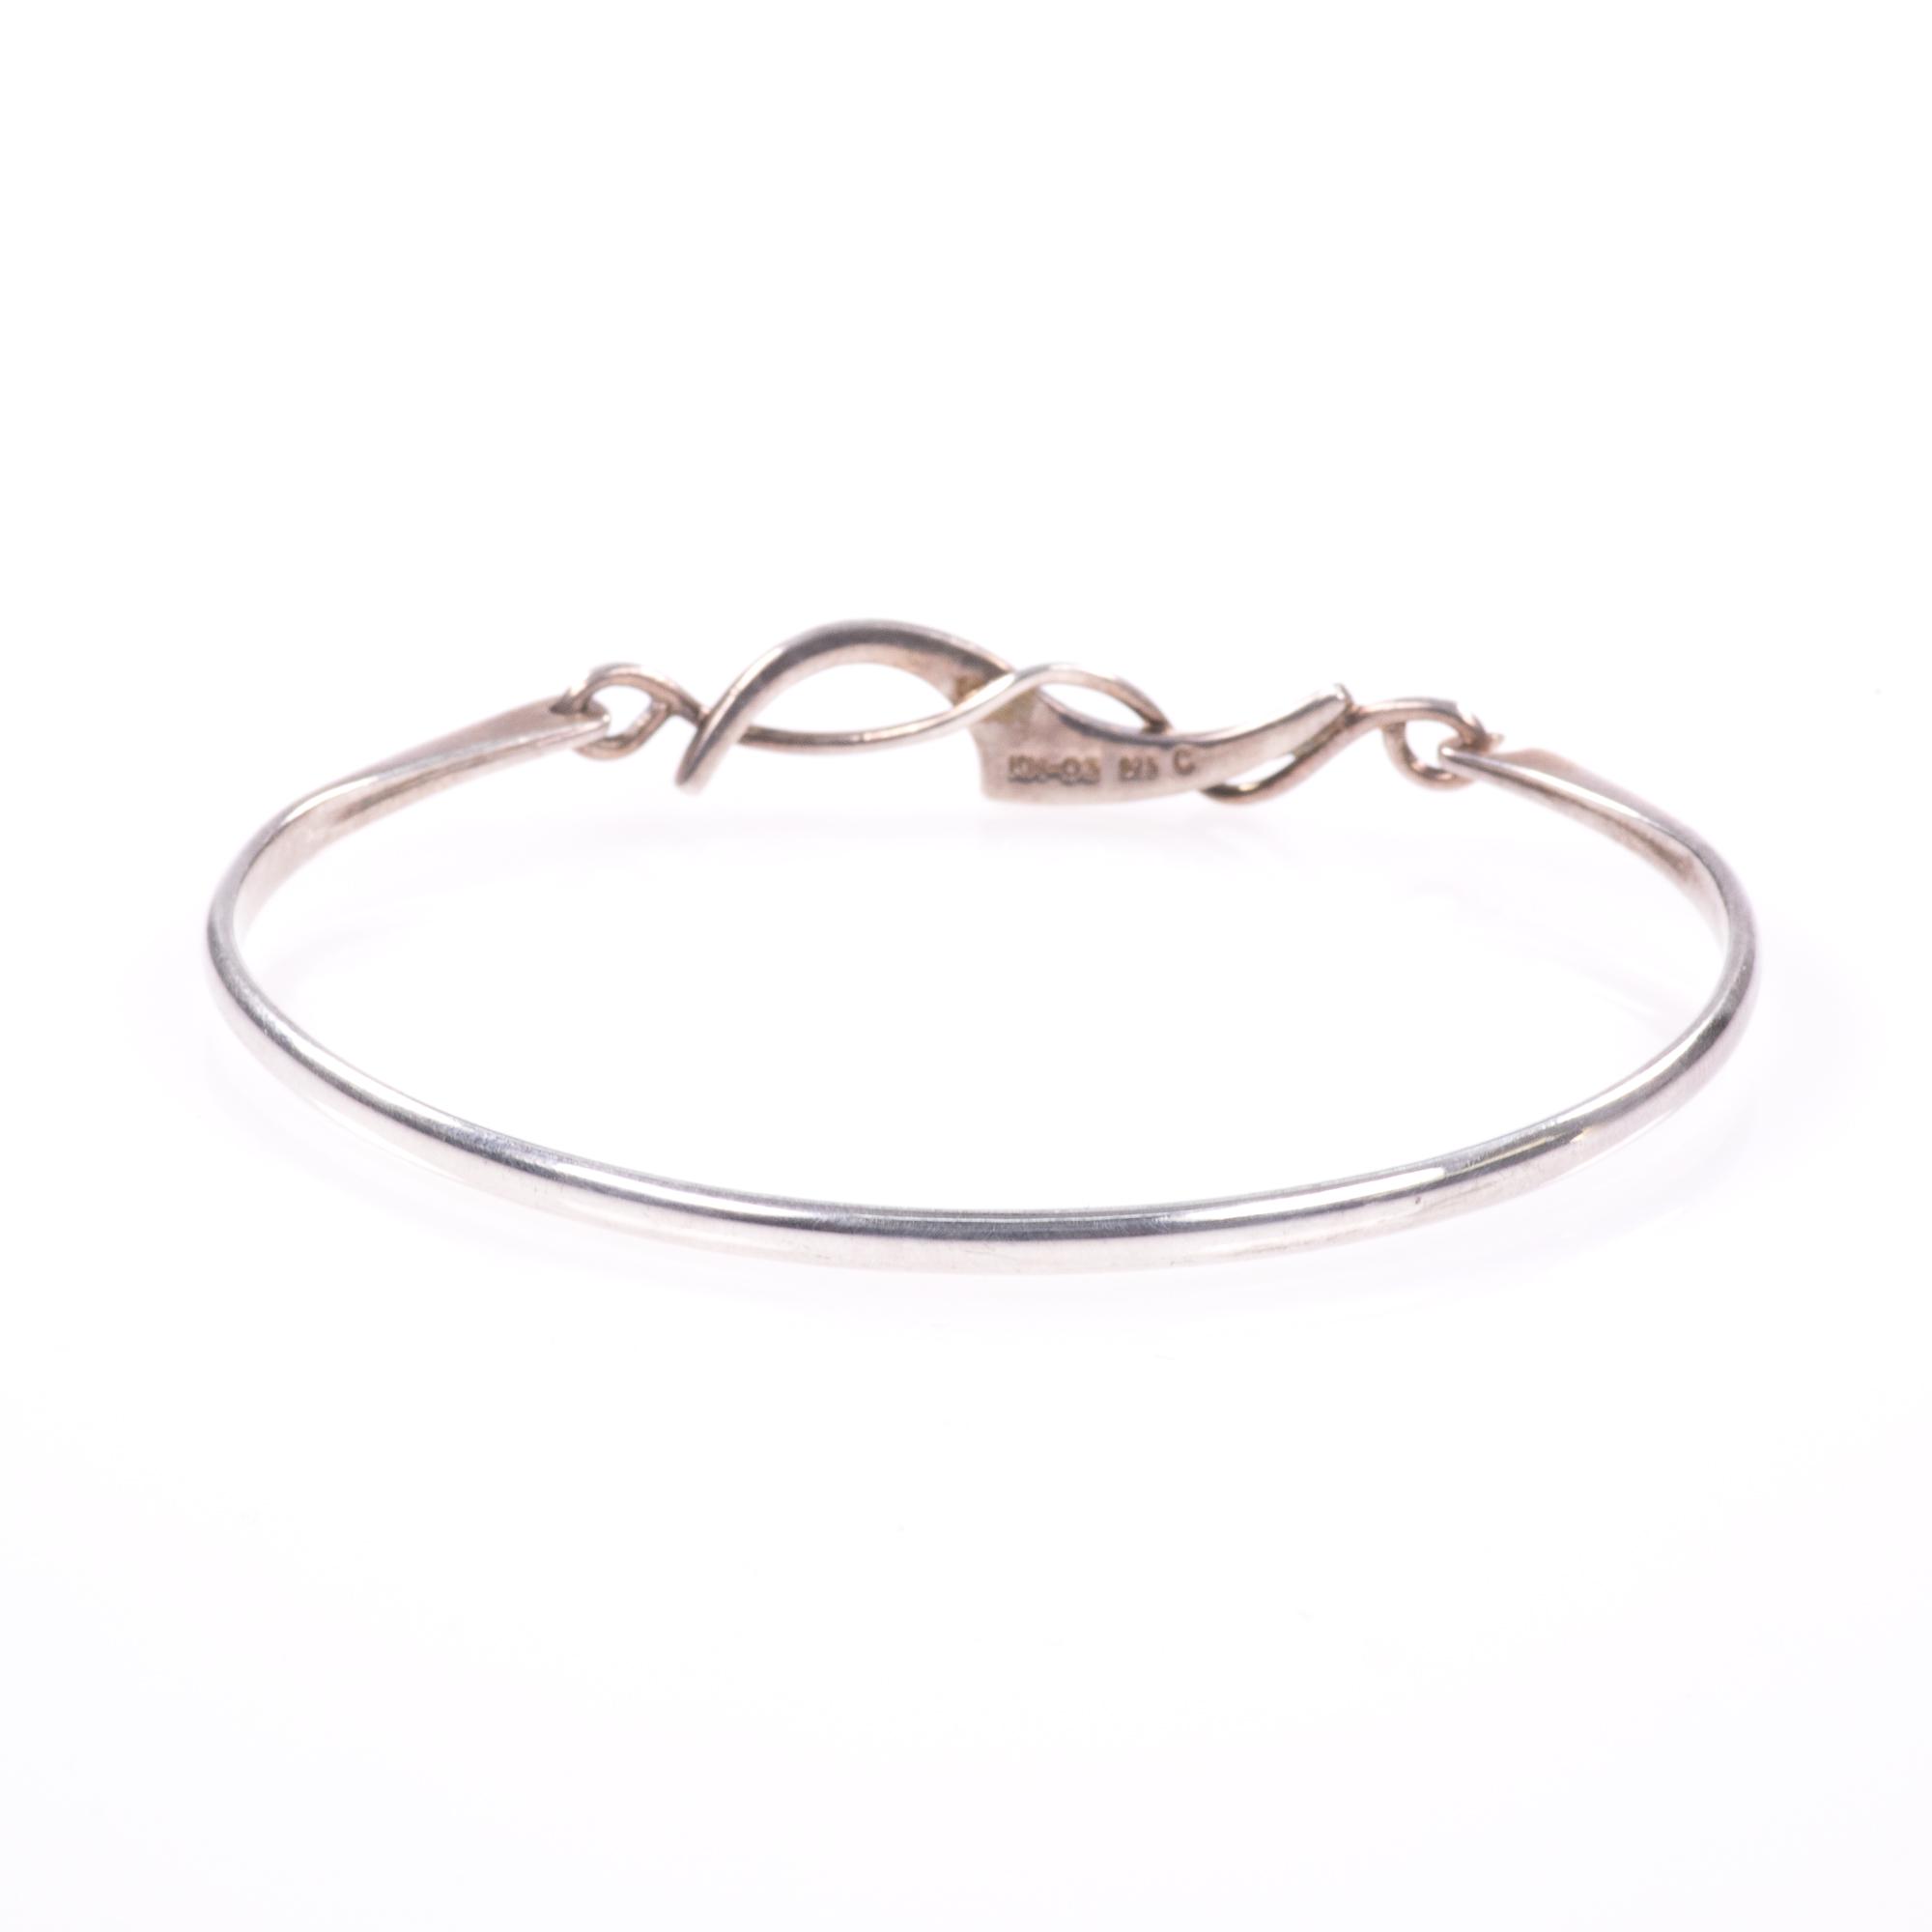 Silver Abstarct Modernist Bangle Bracelet - Image 6 of 9